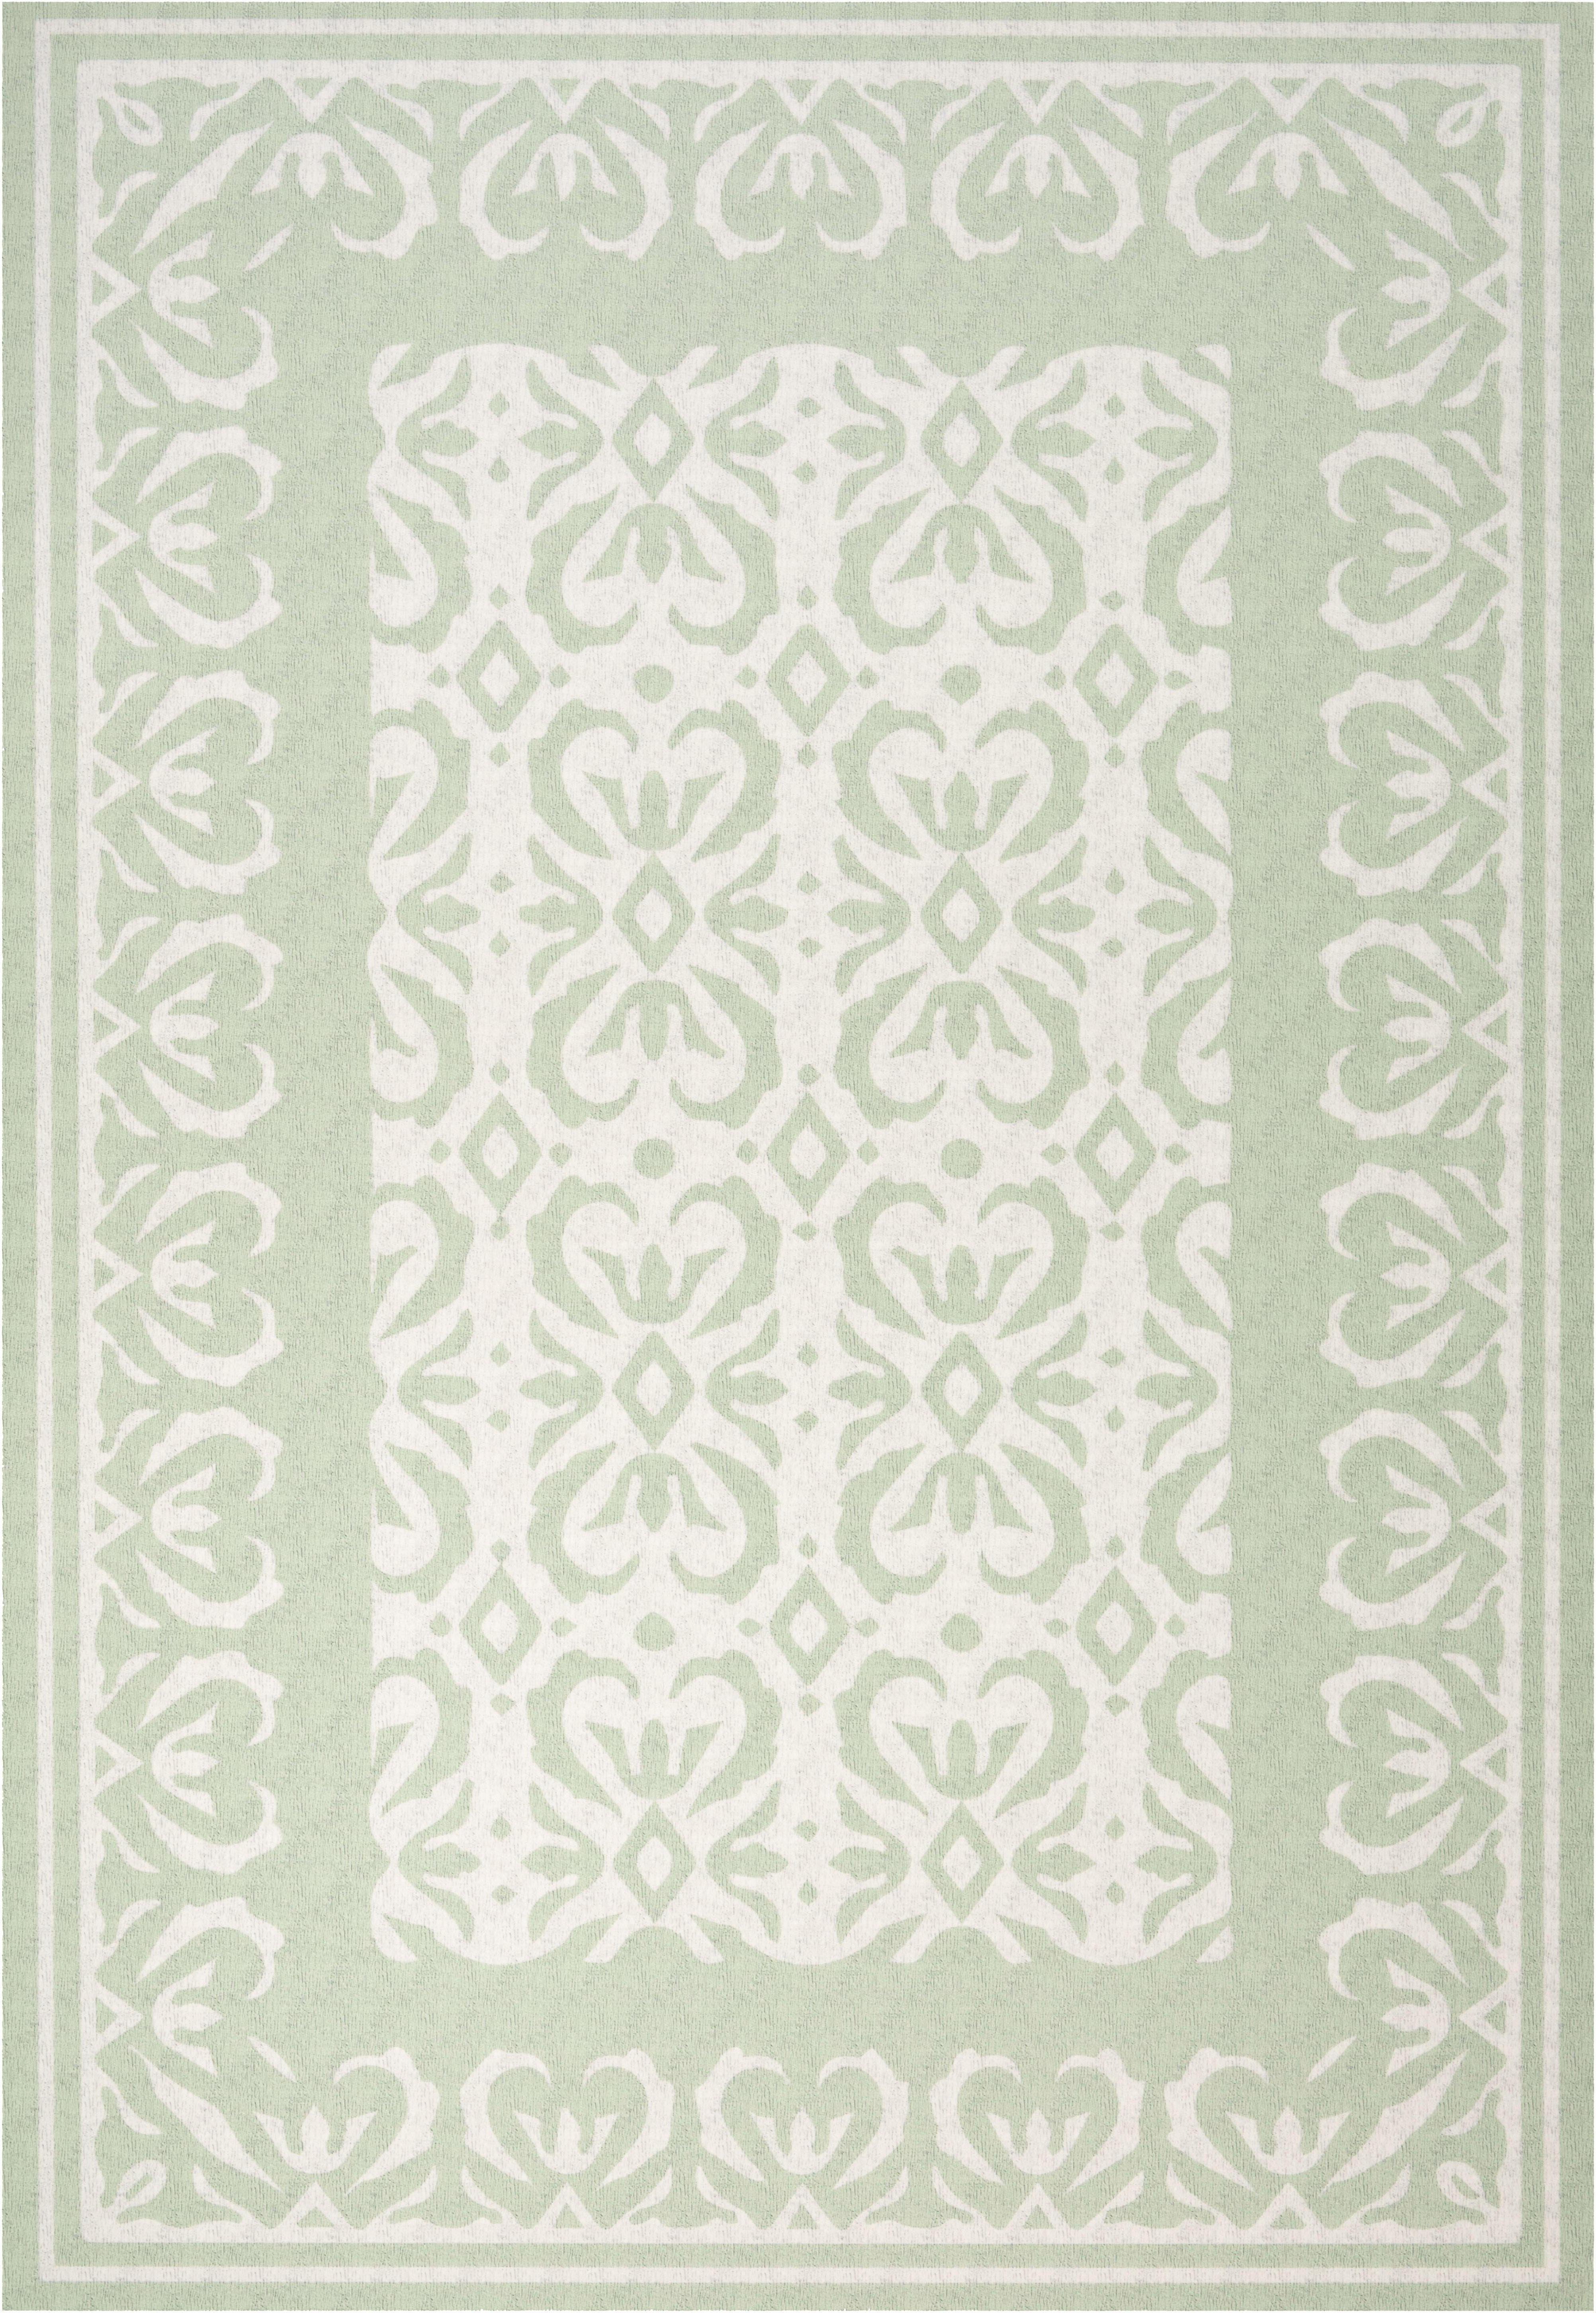 Vinylteppich Ivette freundin Home Collection rechteckig Höhe 2 mm gedruckt